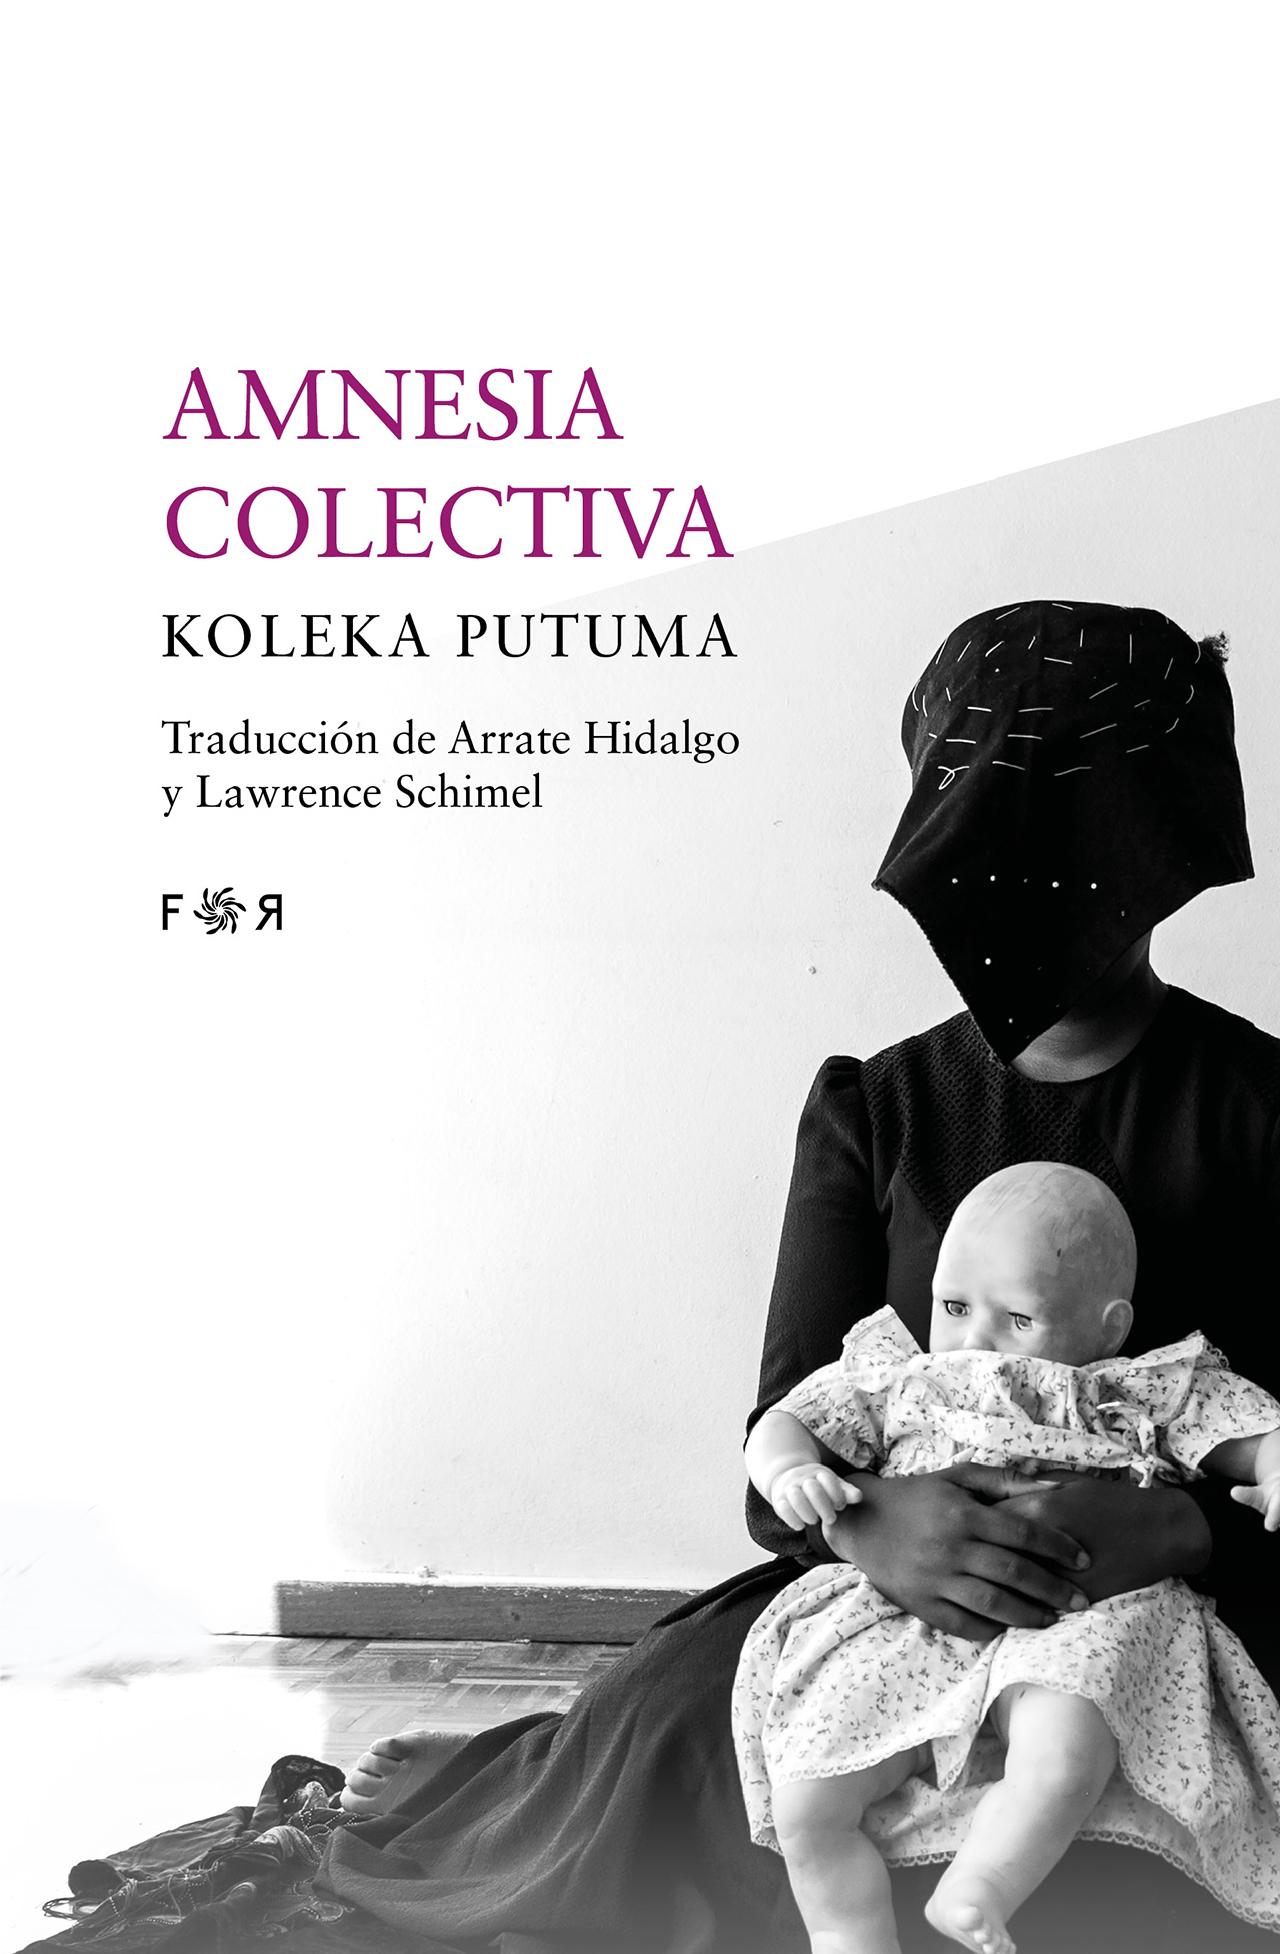 Cubierta de Amnesia colectiva en la Editorial Flores raras